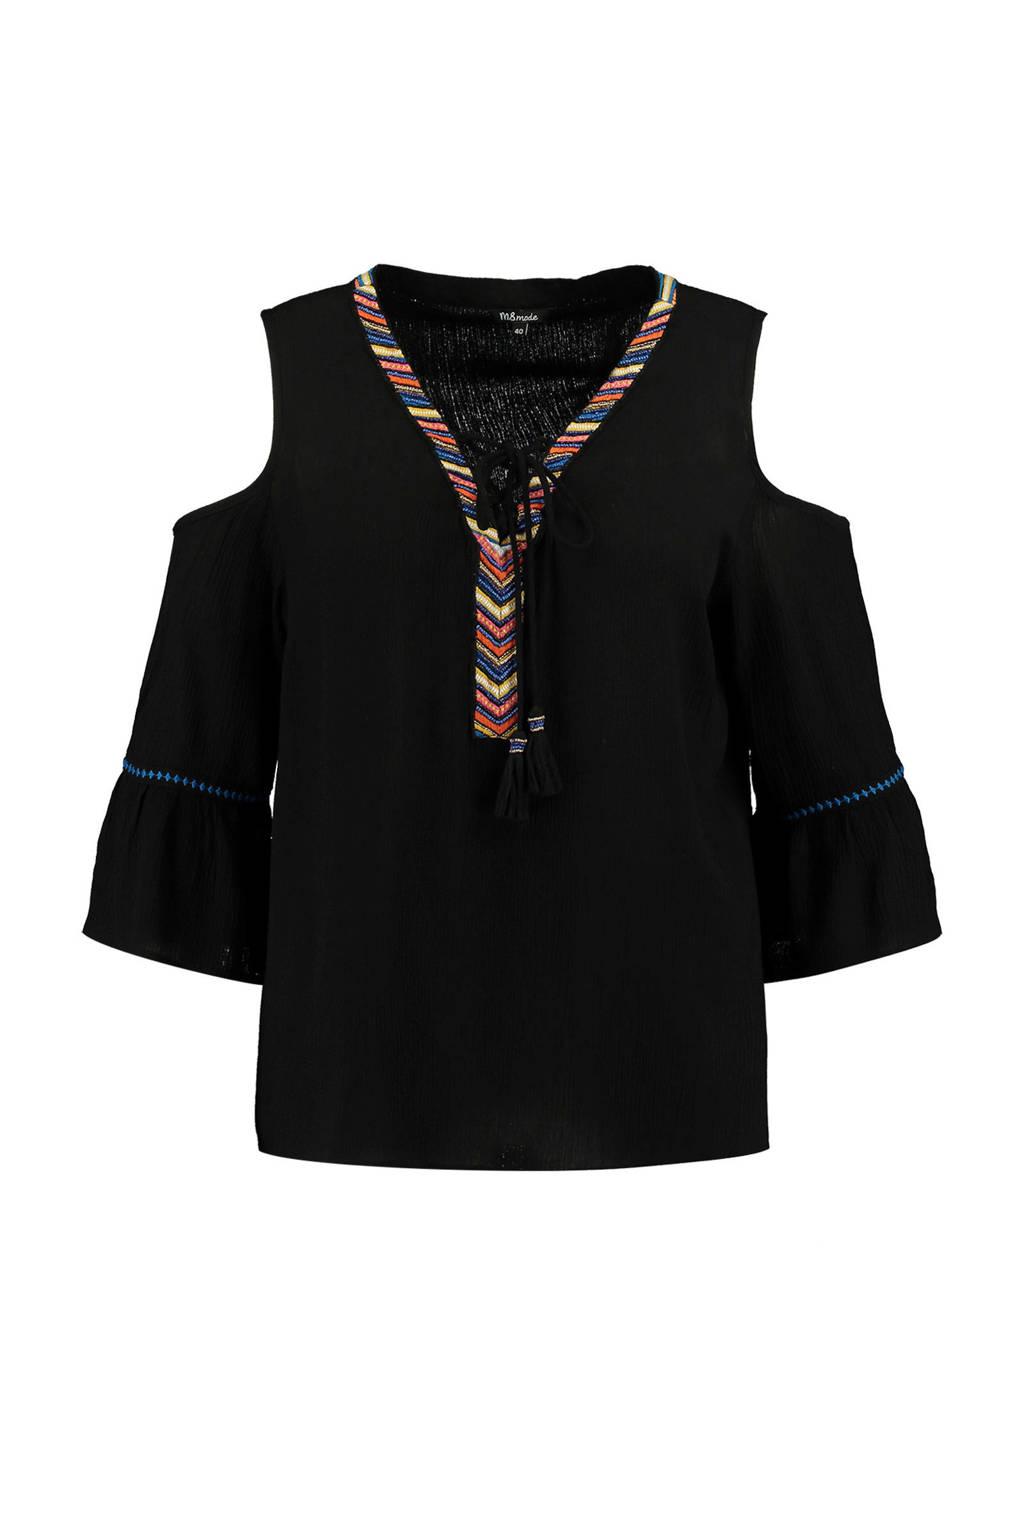 MS Mode open shoulder top met borduursels zwart, Zwart